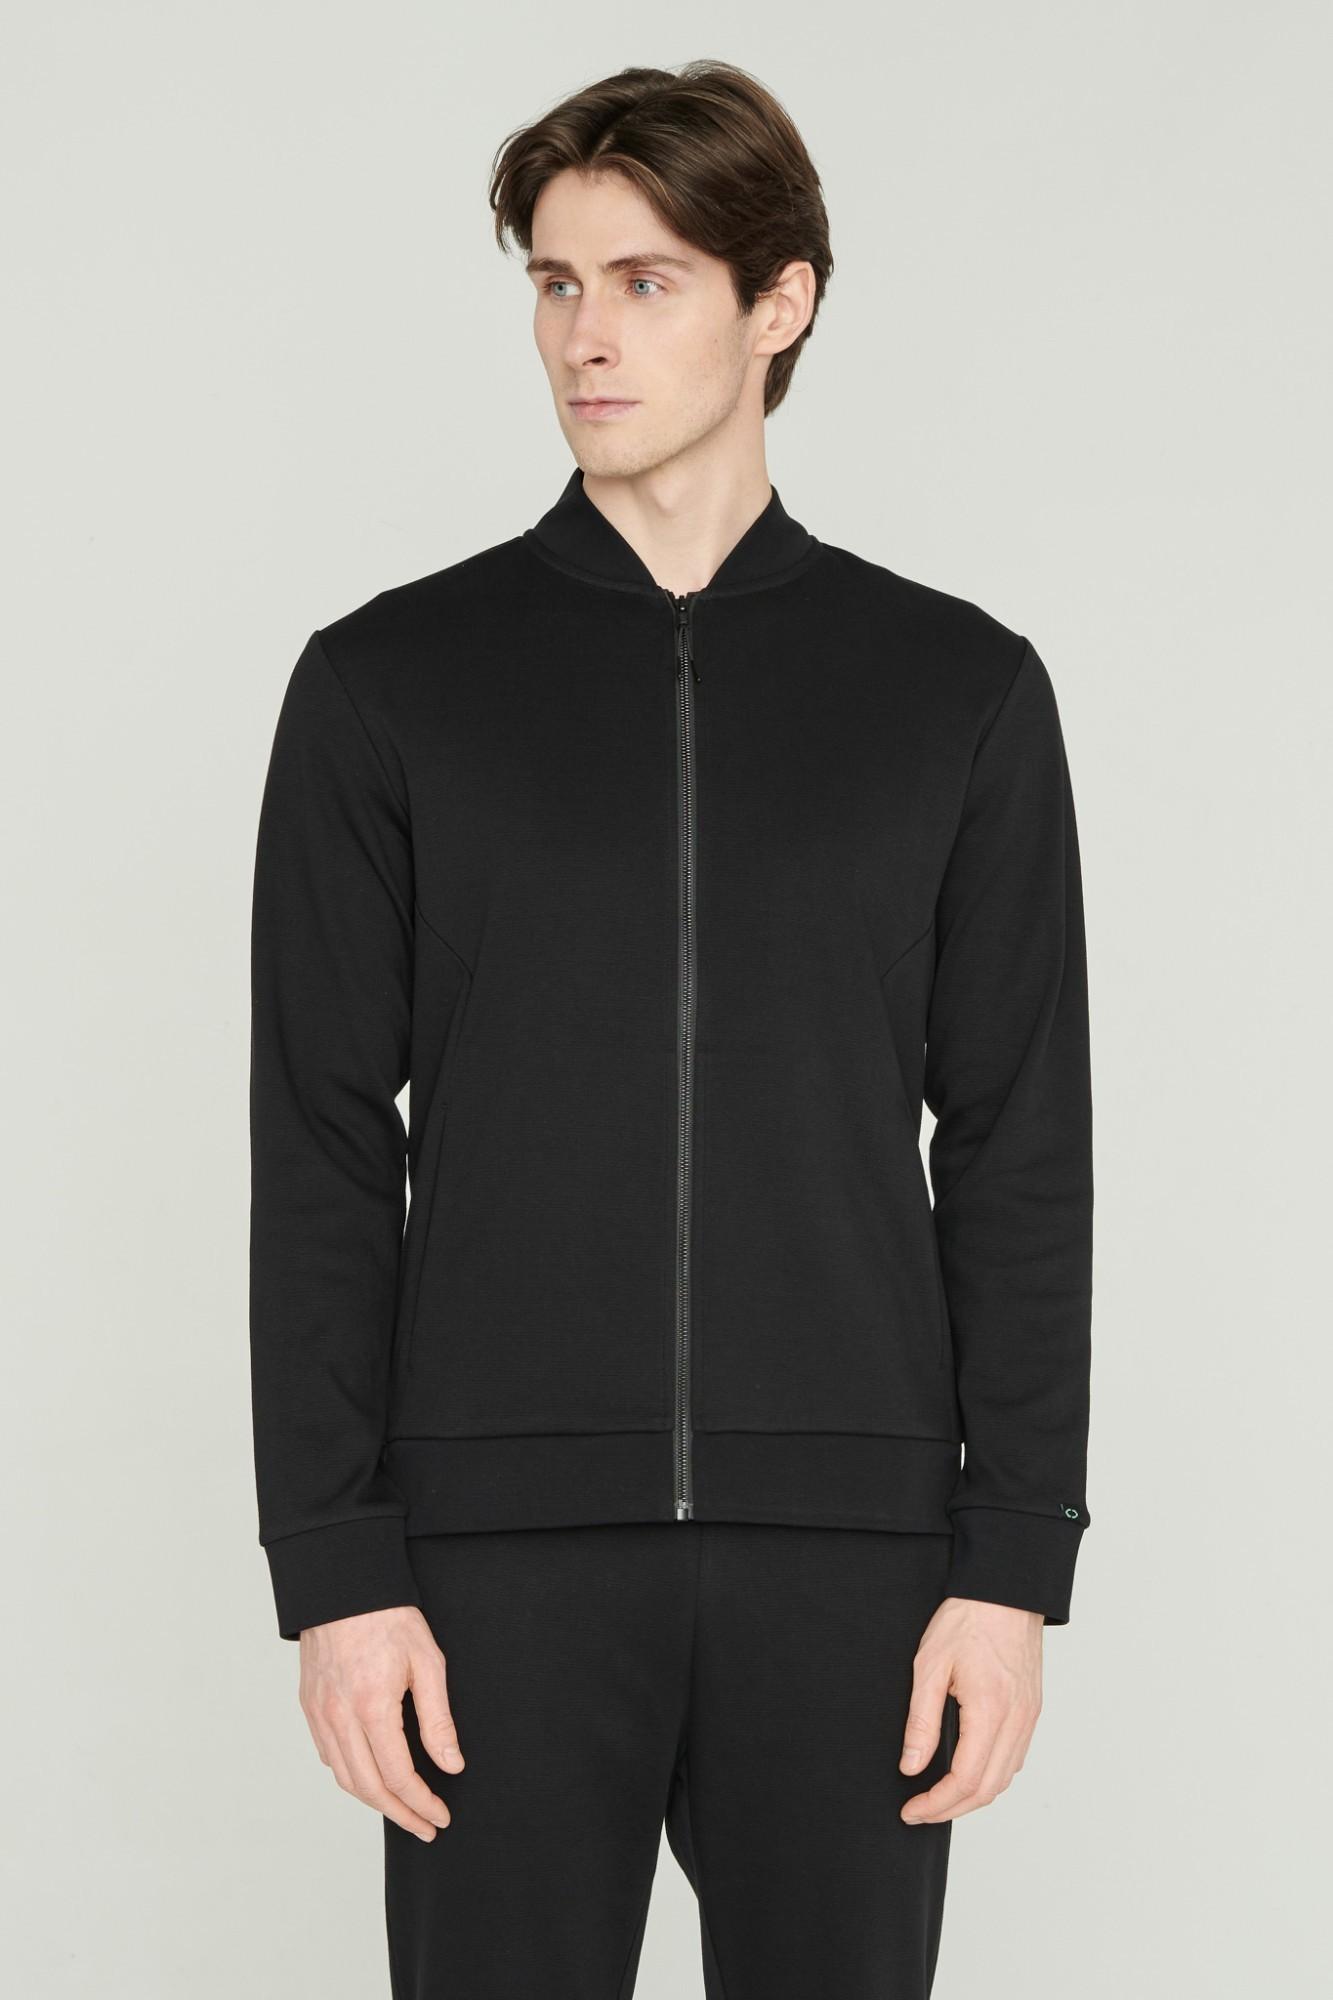 AUDIMAS Atsegamas medvilninis džemperis 2111-461 Black XXL